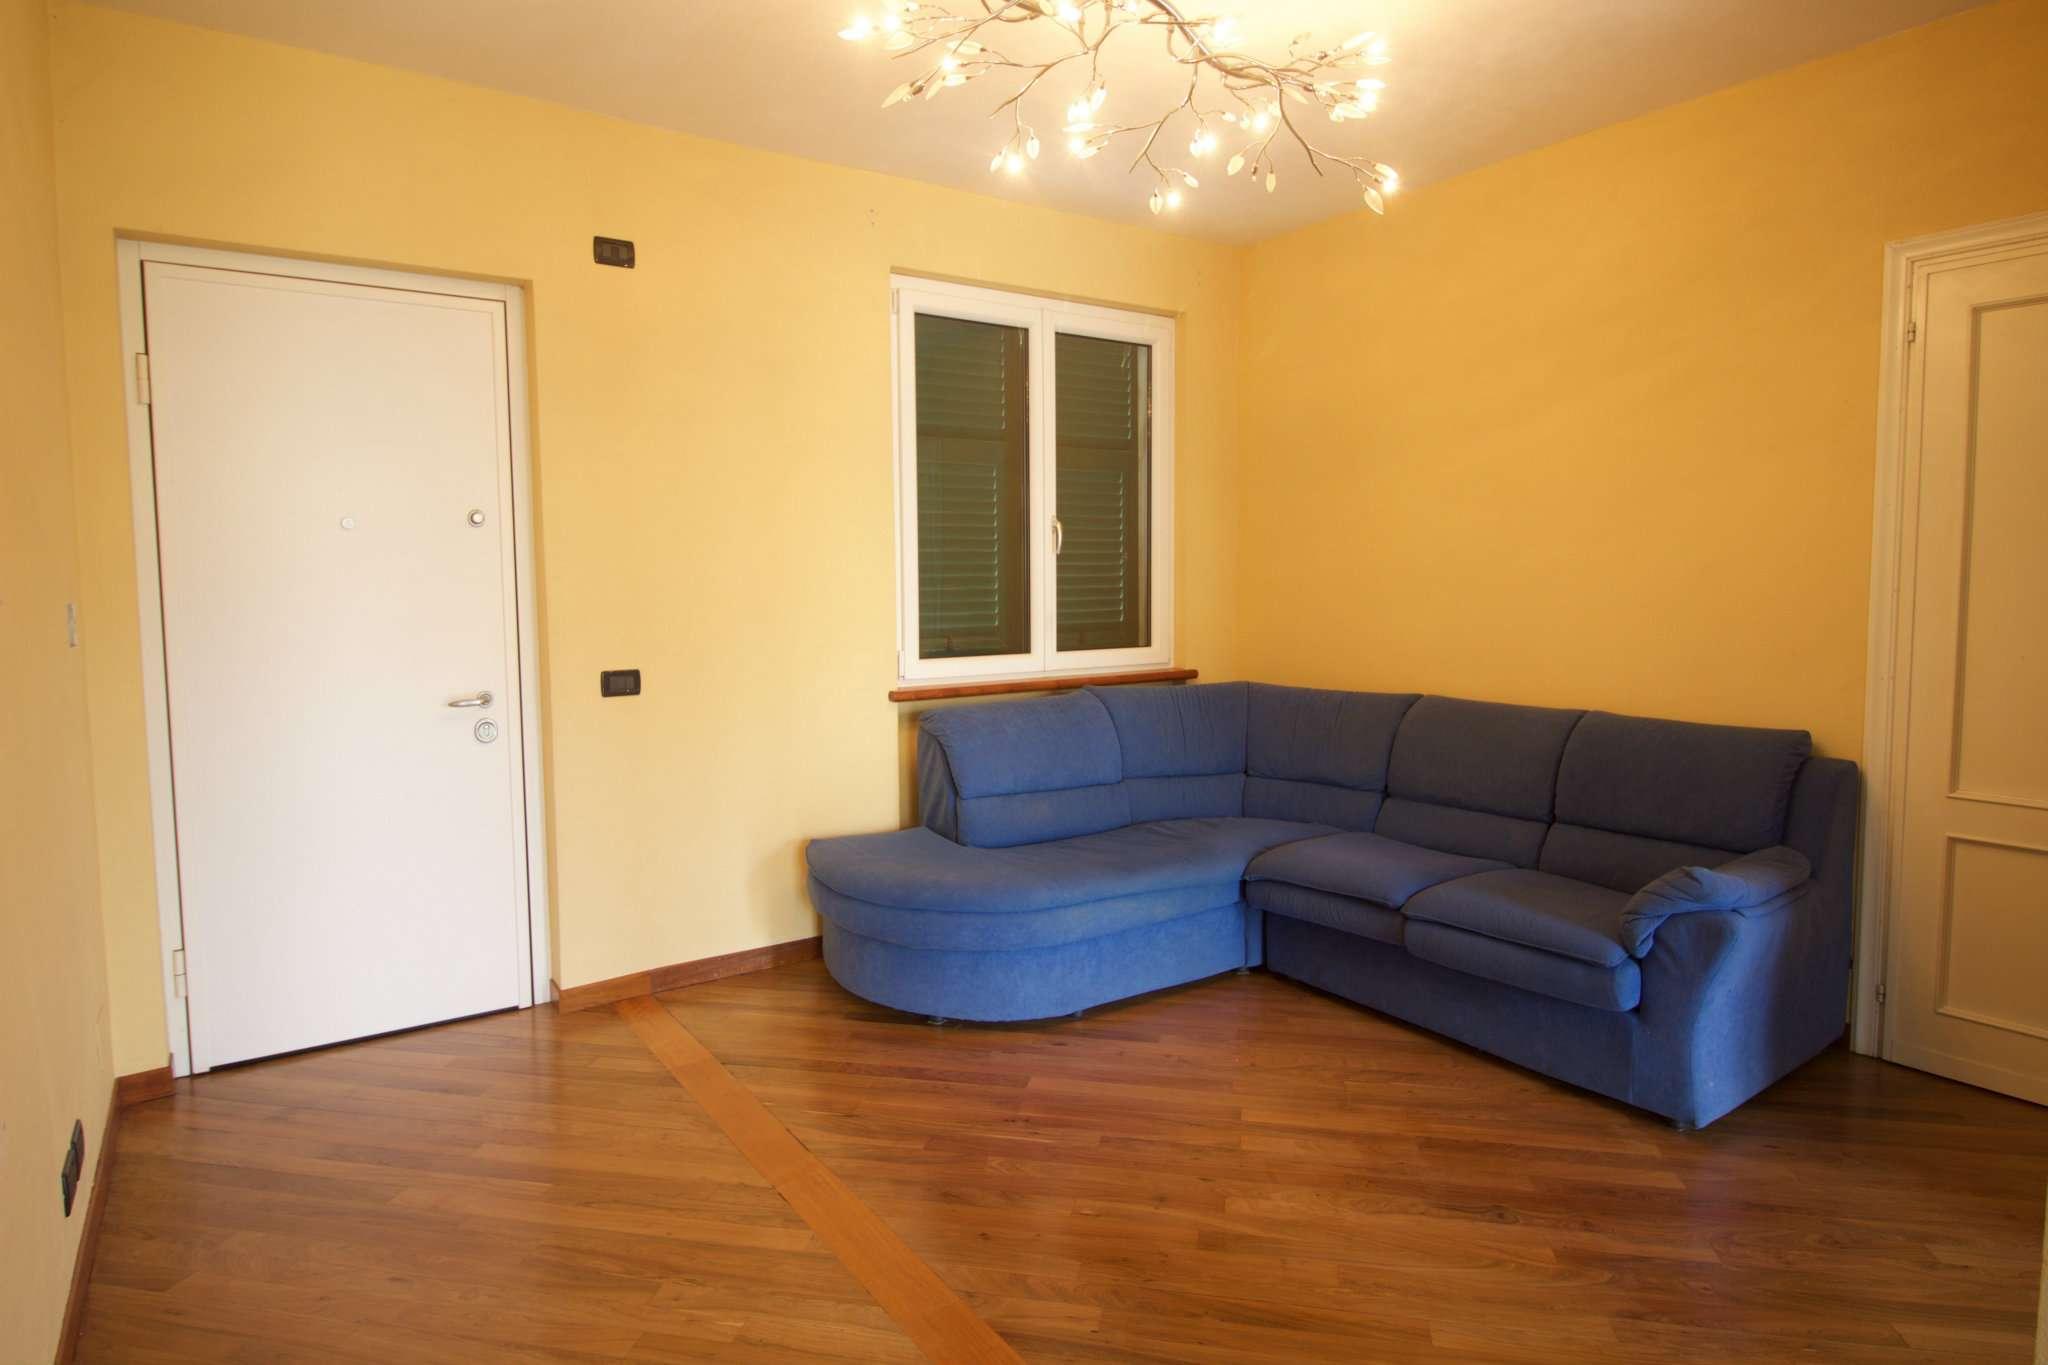 Soluzione Semindipendente in vendita a Bogliasco, 5 locali, prezzo € 175.000 | CambioCasa.it